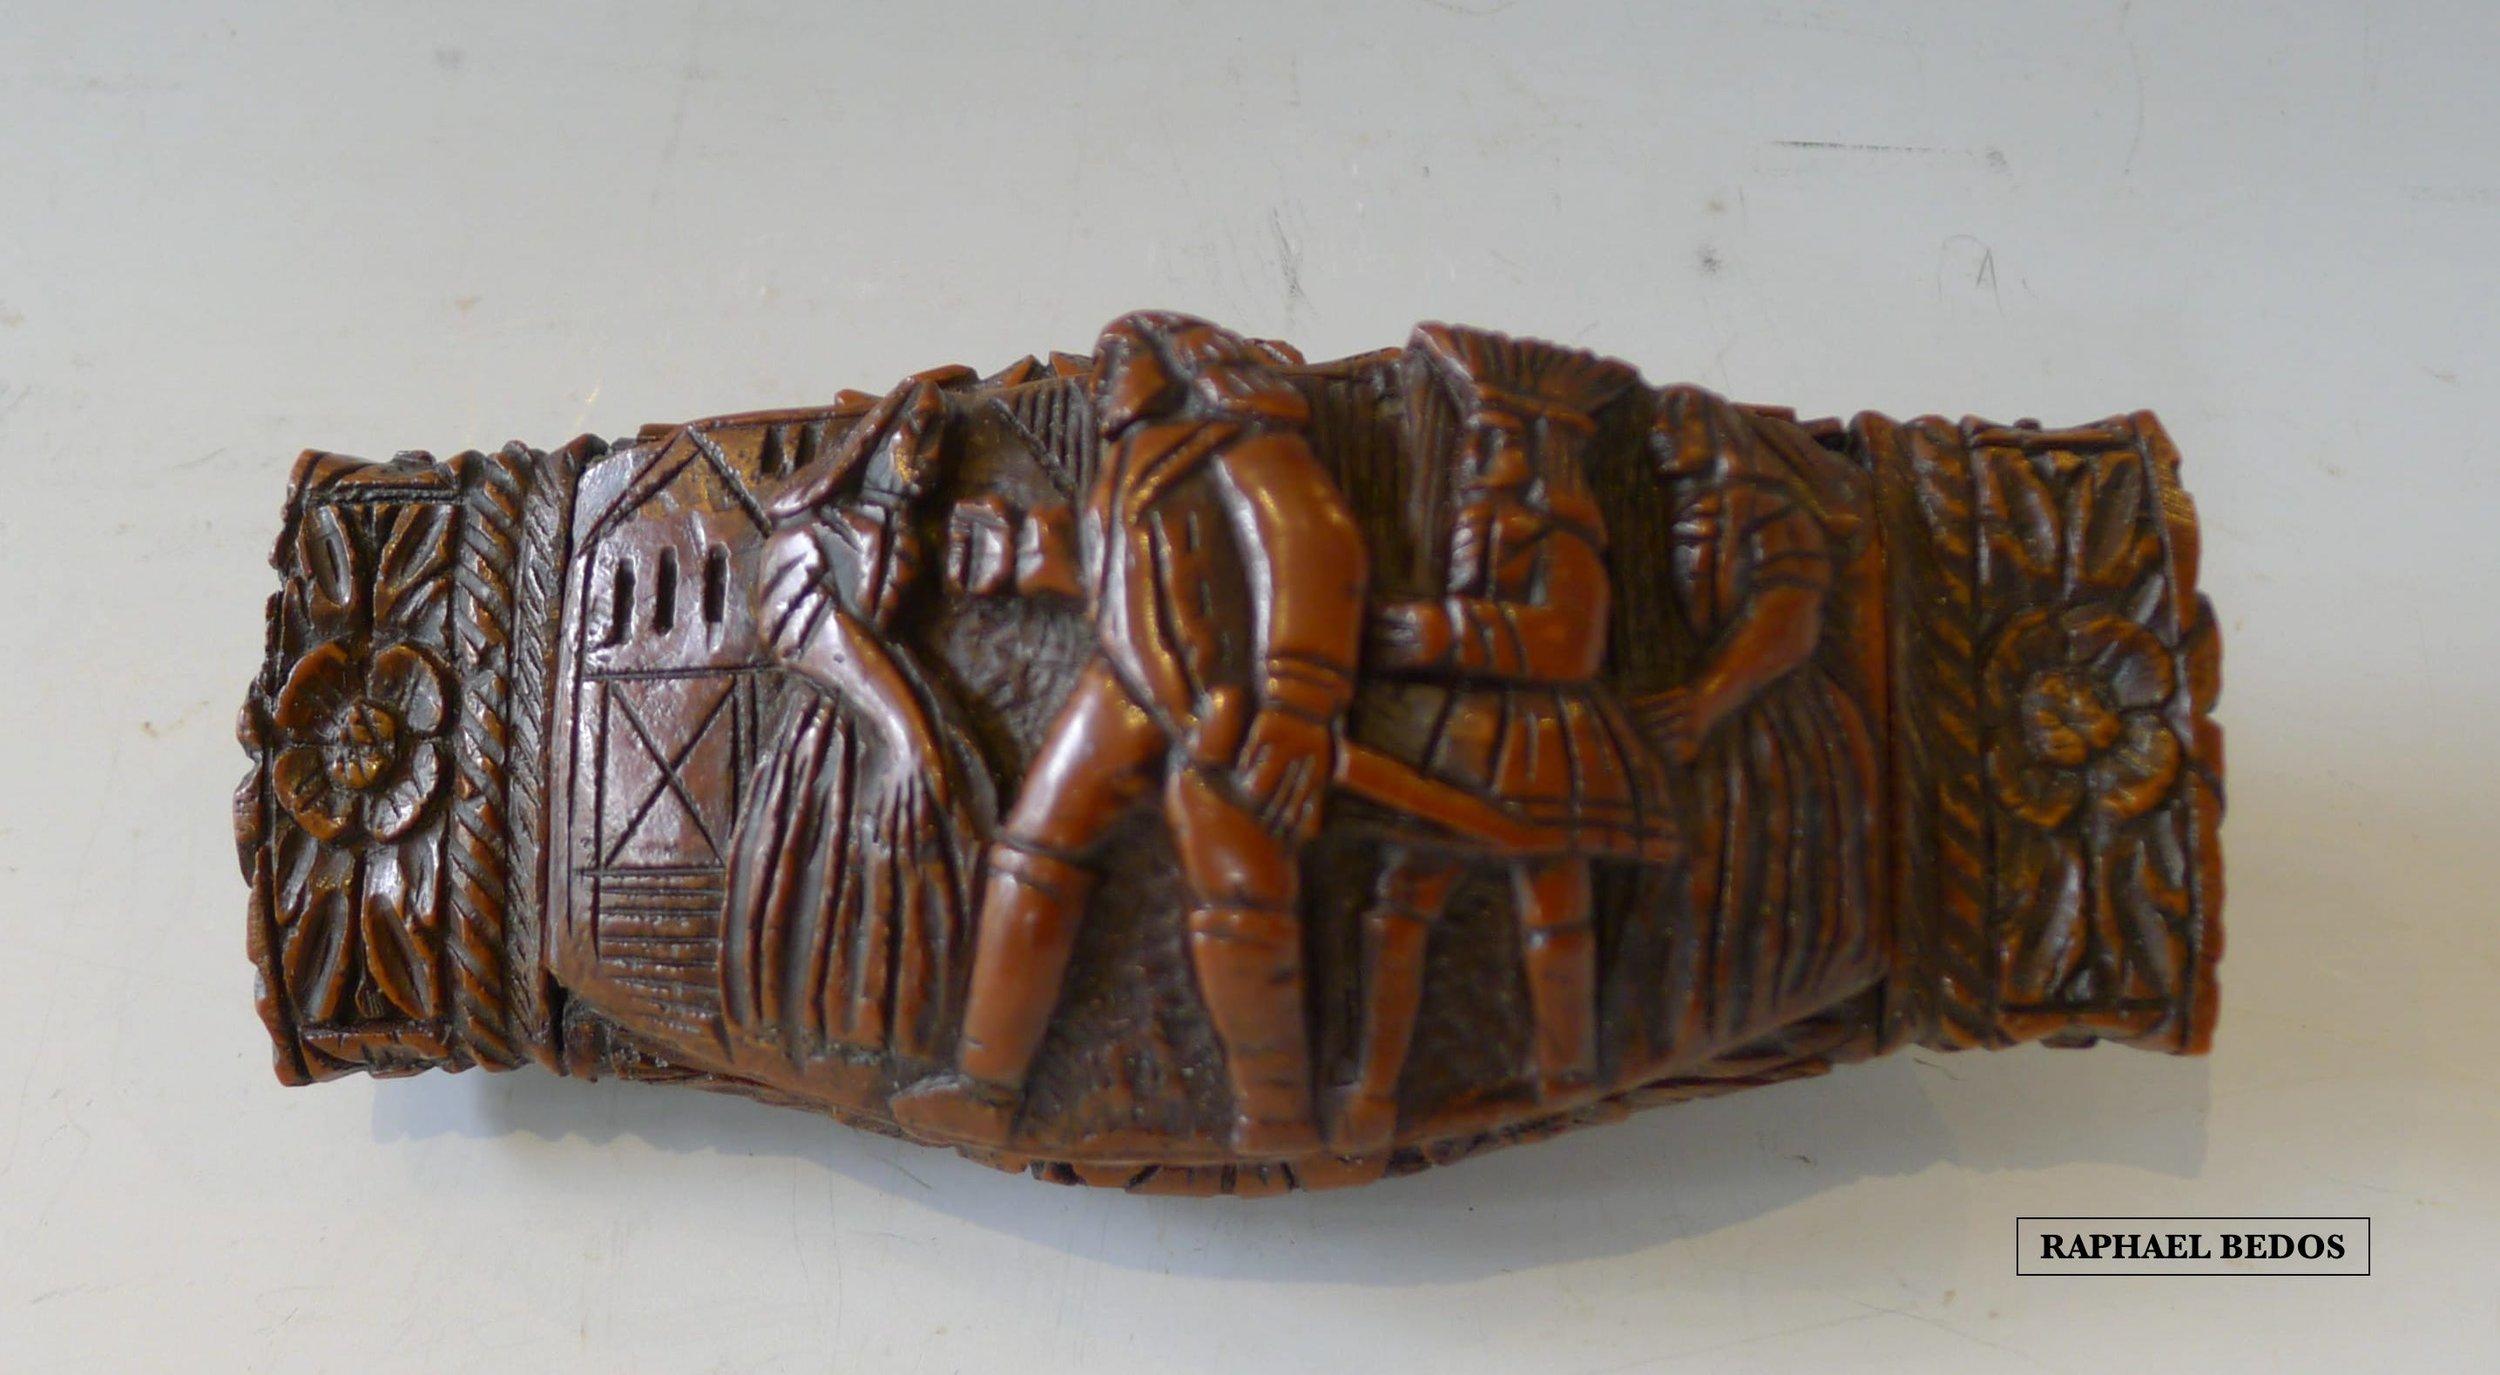 13.Tabatière rectangulaire en corozo, sur le couvercle deux femmes encadrent deux hommes dont un porte une épée.19ème.L : 10,2cm